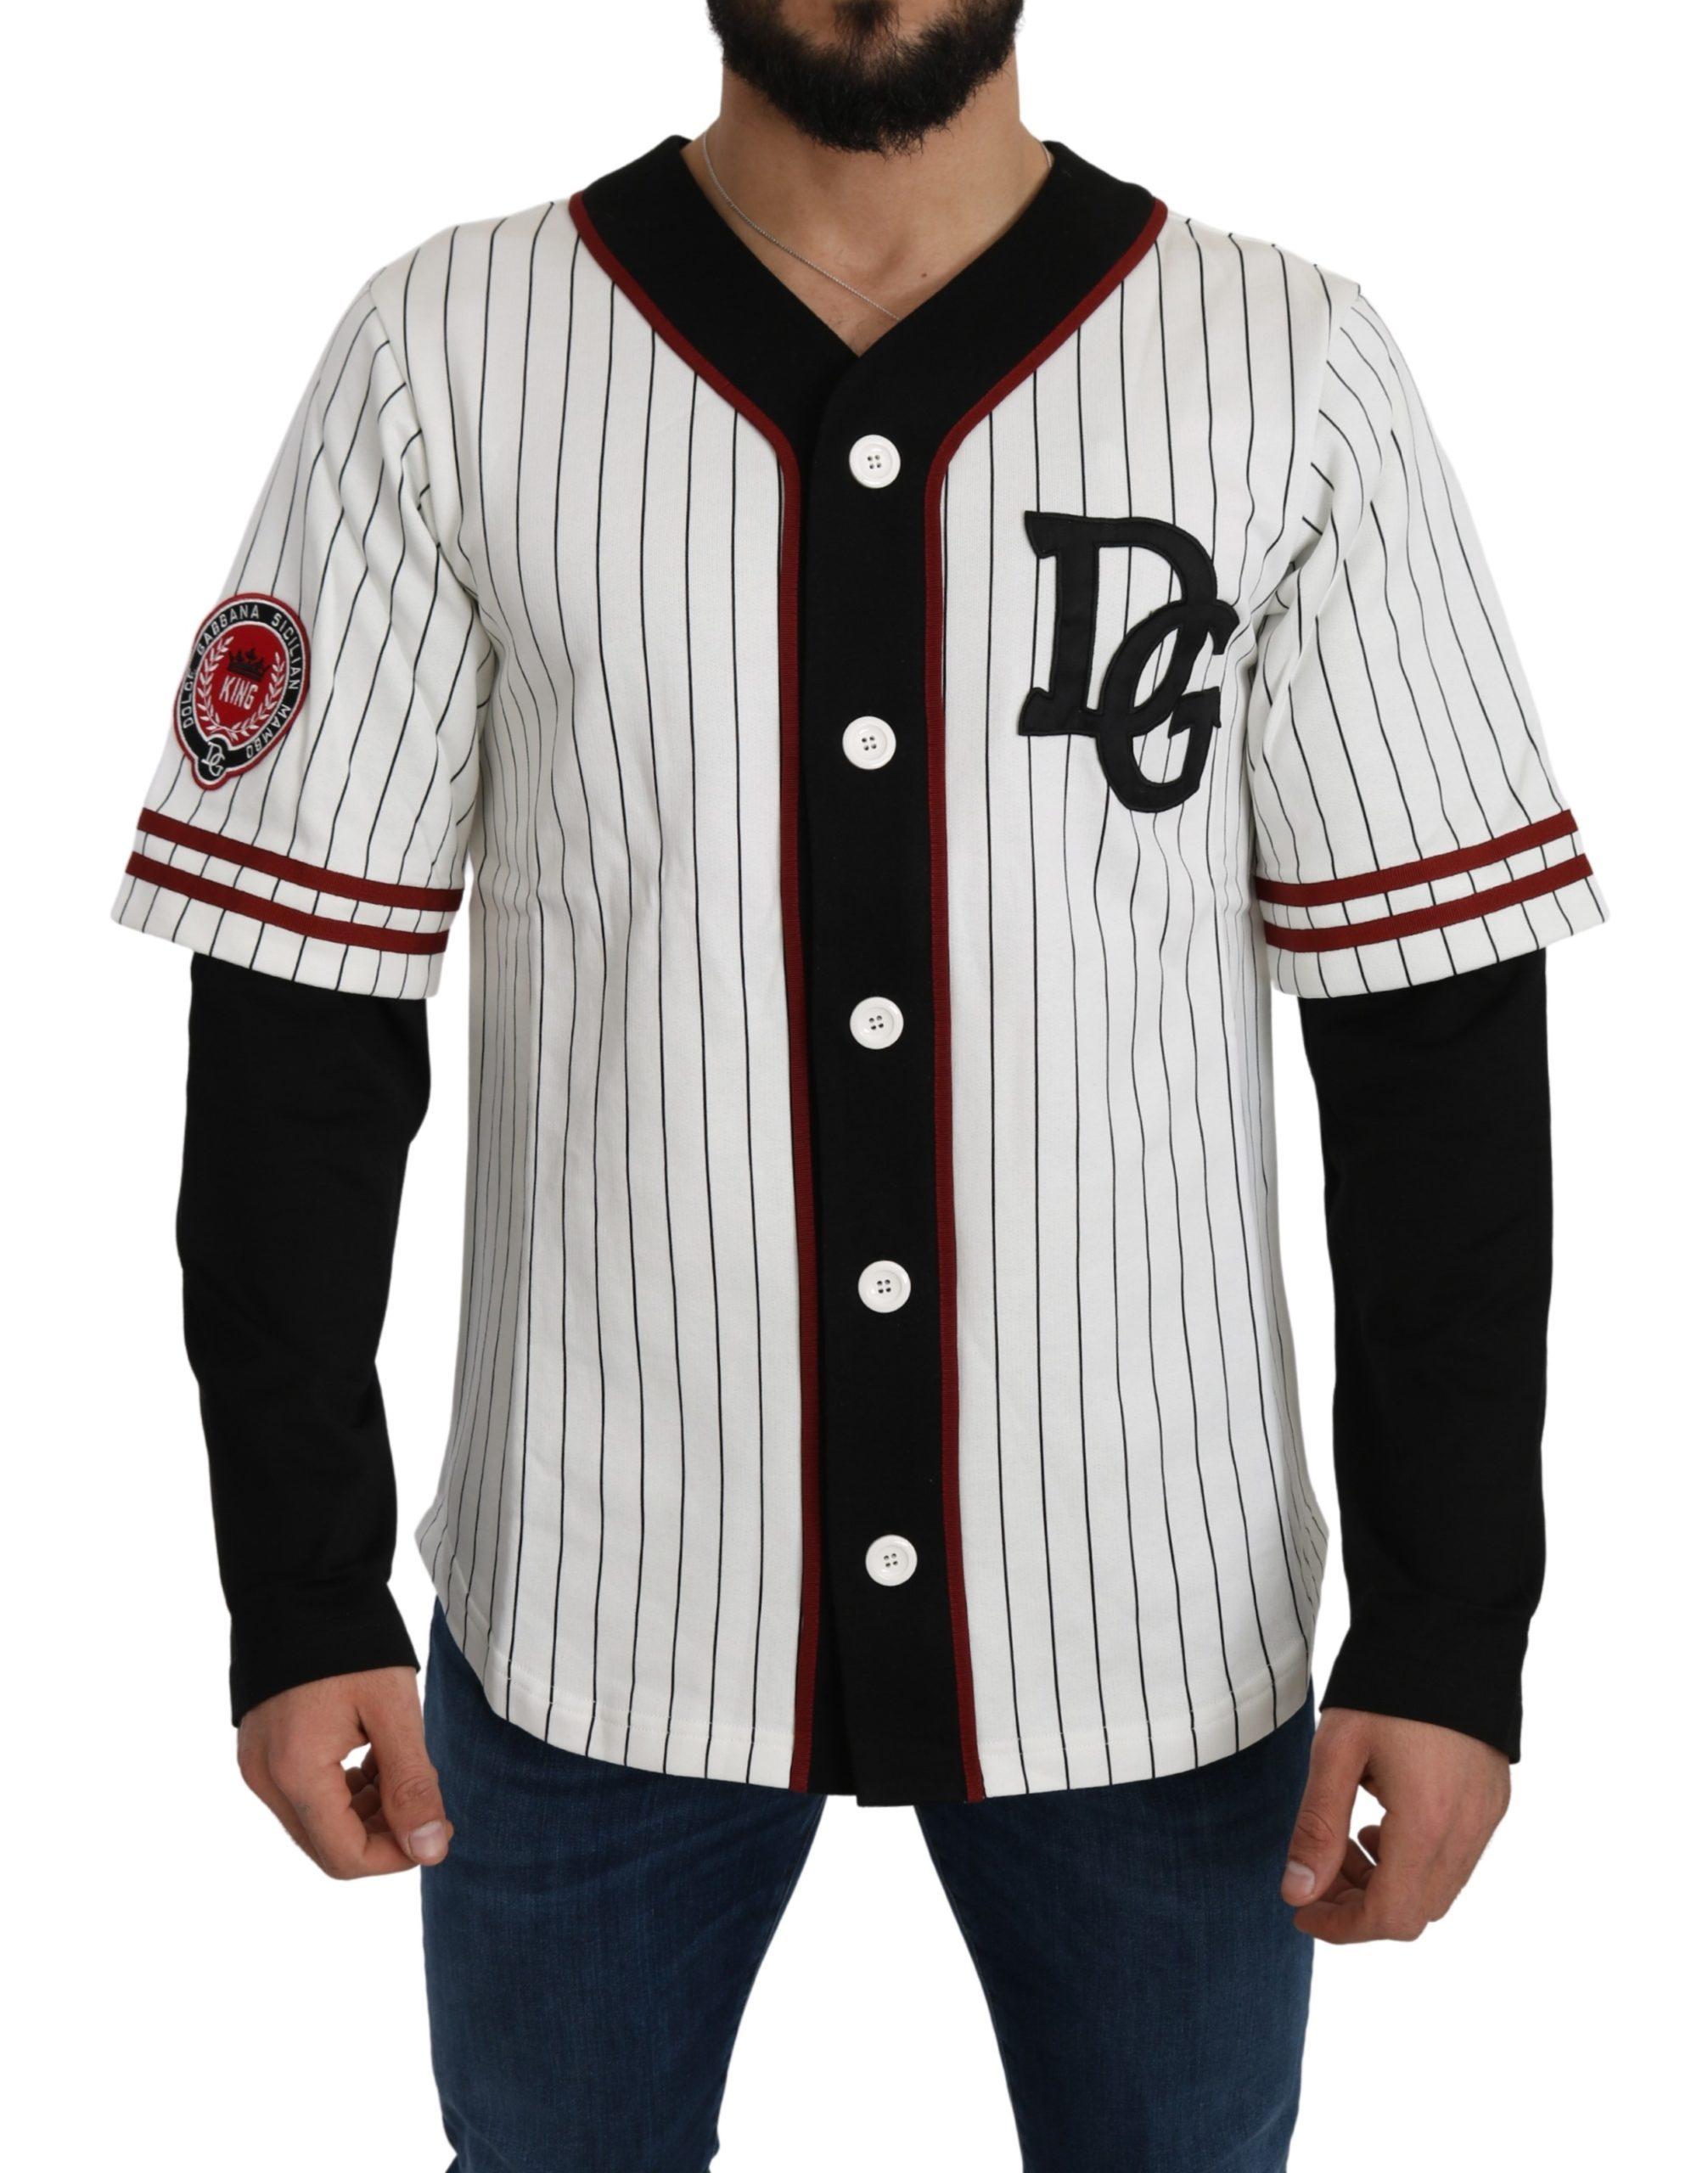 Dolce & Gabbana Men's Cotton Striped Logo Sweater Black/White TSH5101 - IT46 | S